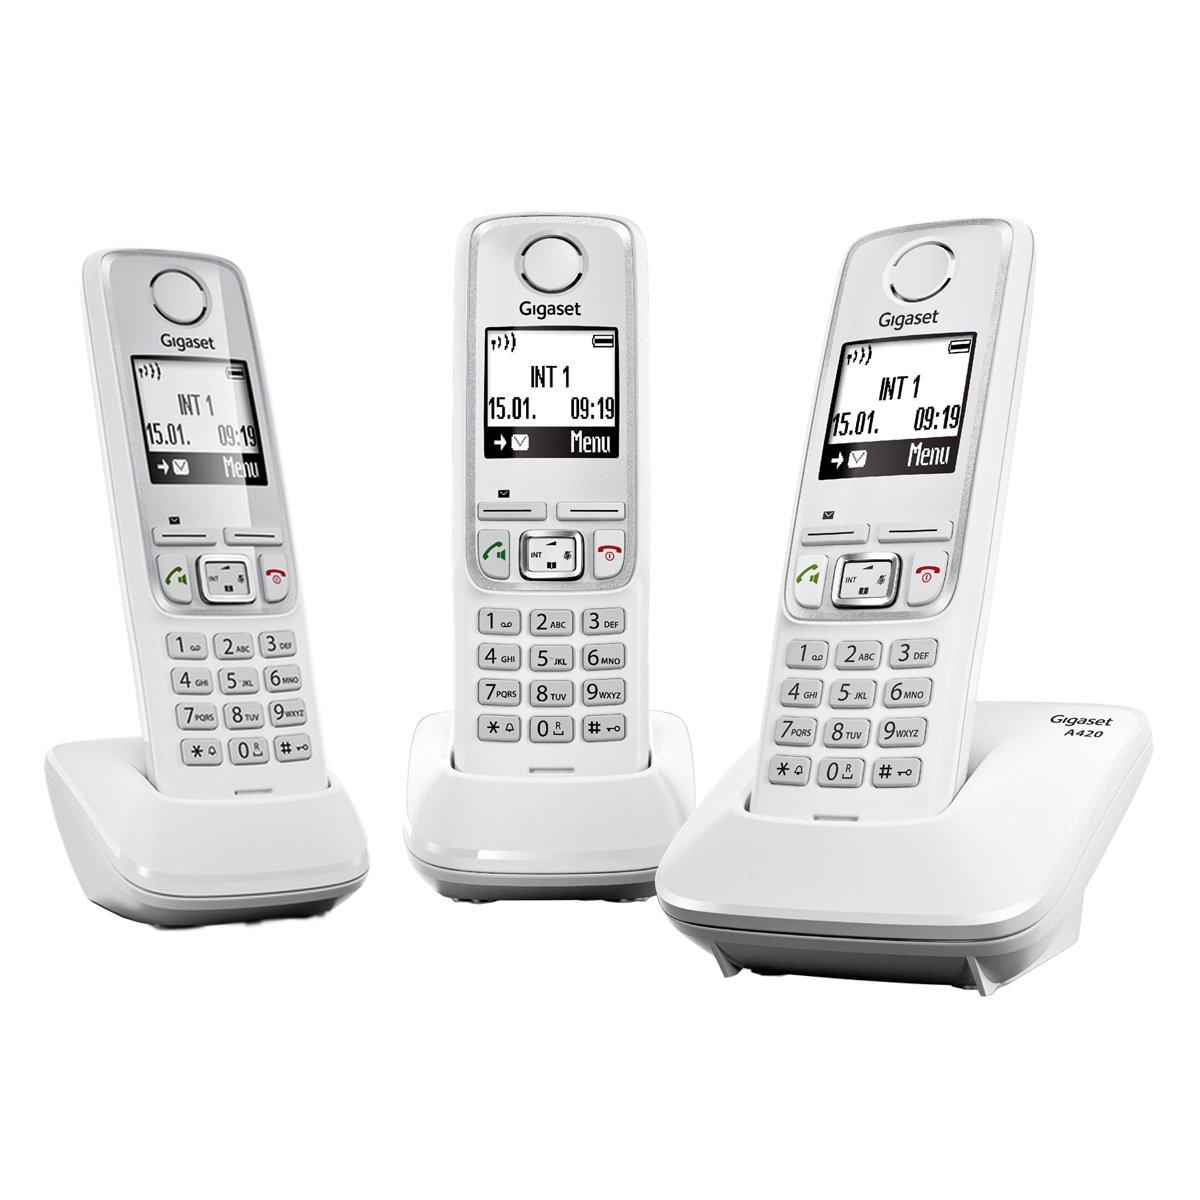 Gigaset A420 TRIO - Juego de 3 teléfonos fijos inalámbricos, color blanco [Versión Importada]: Amazon.es: Electrónica